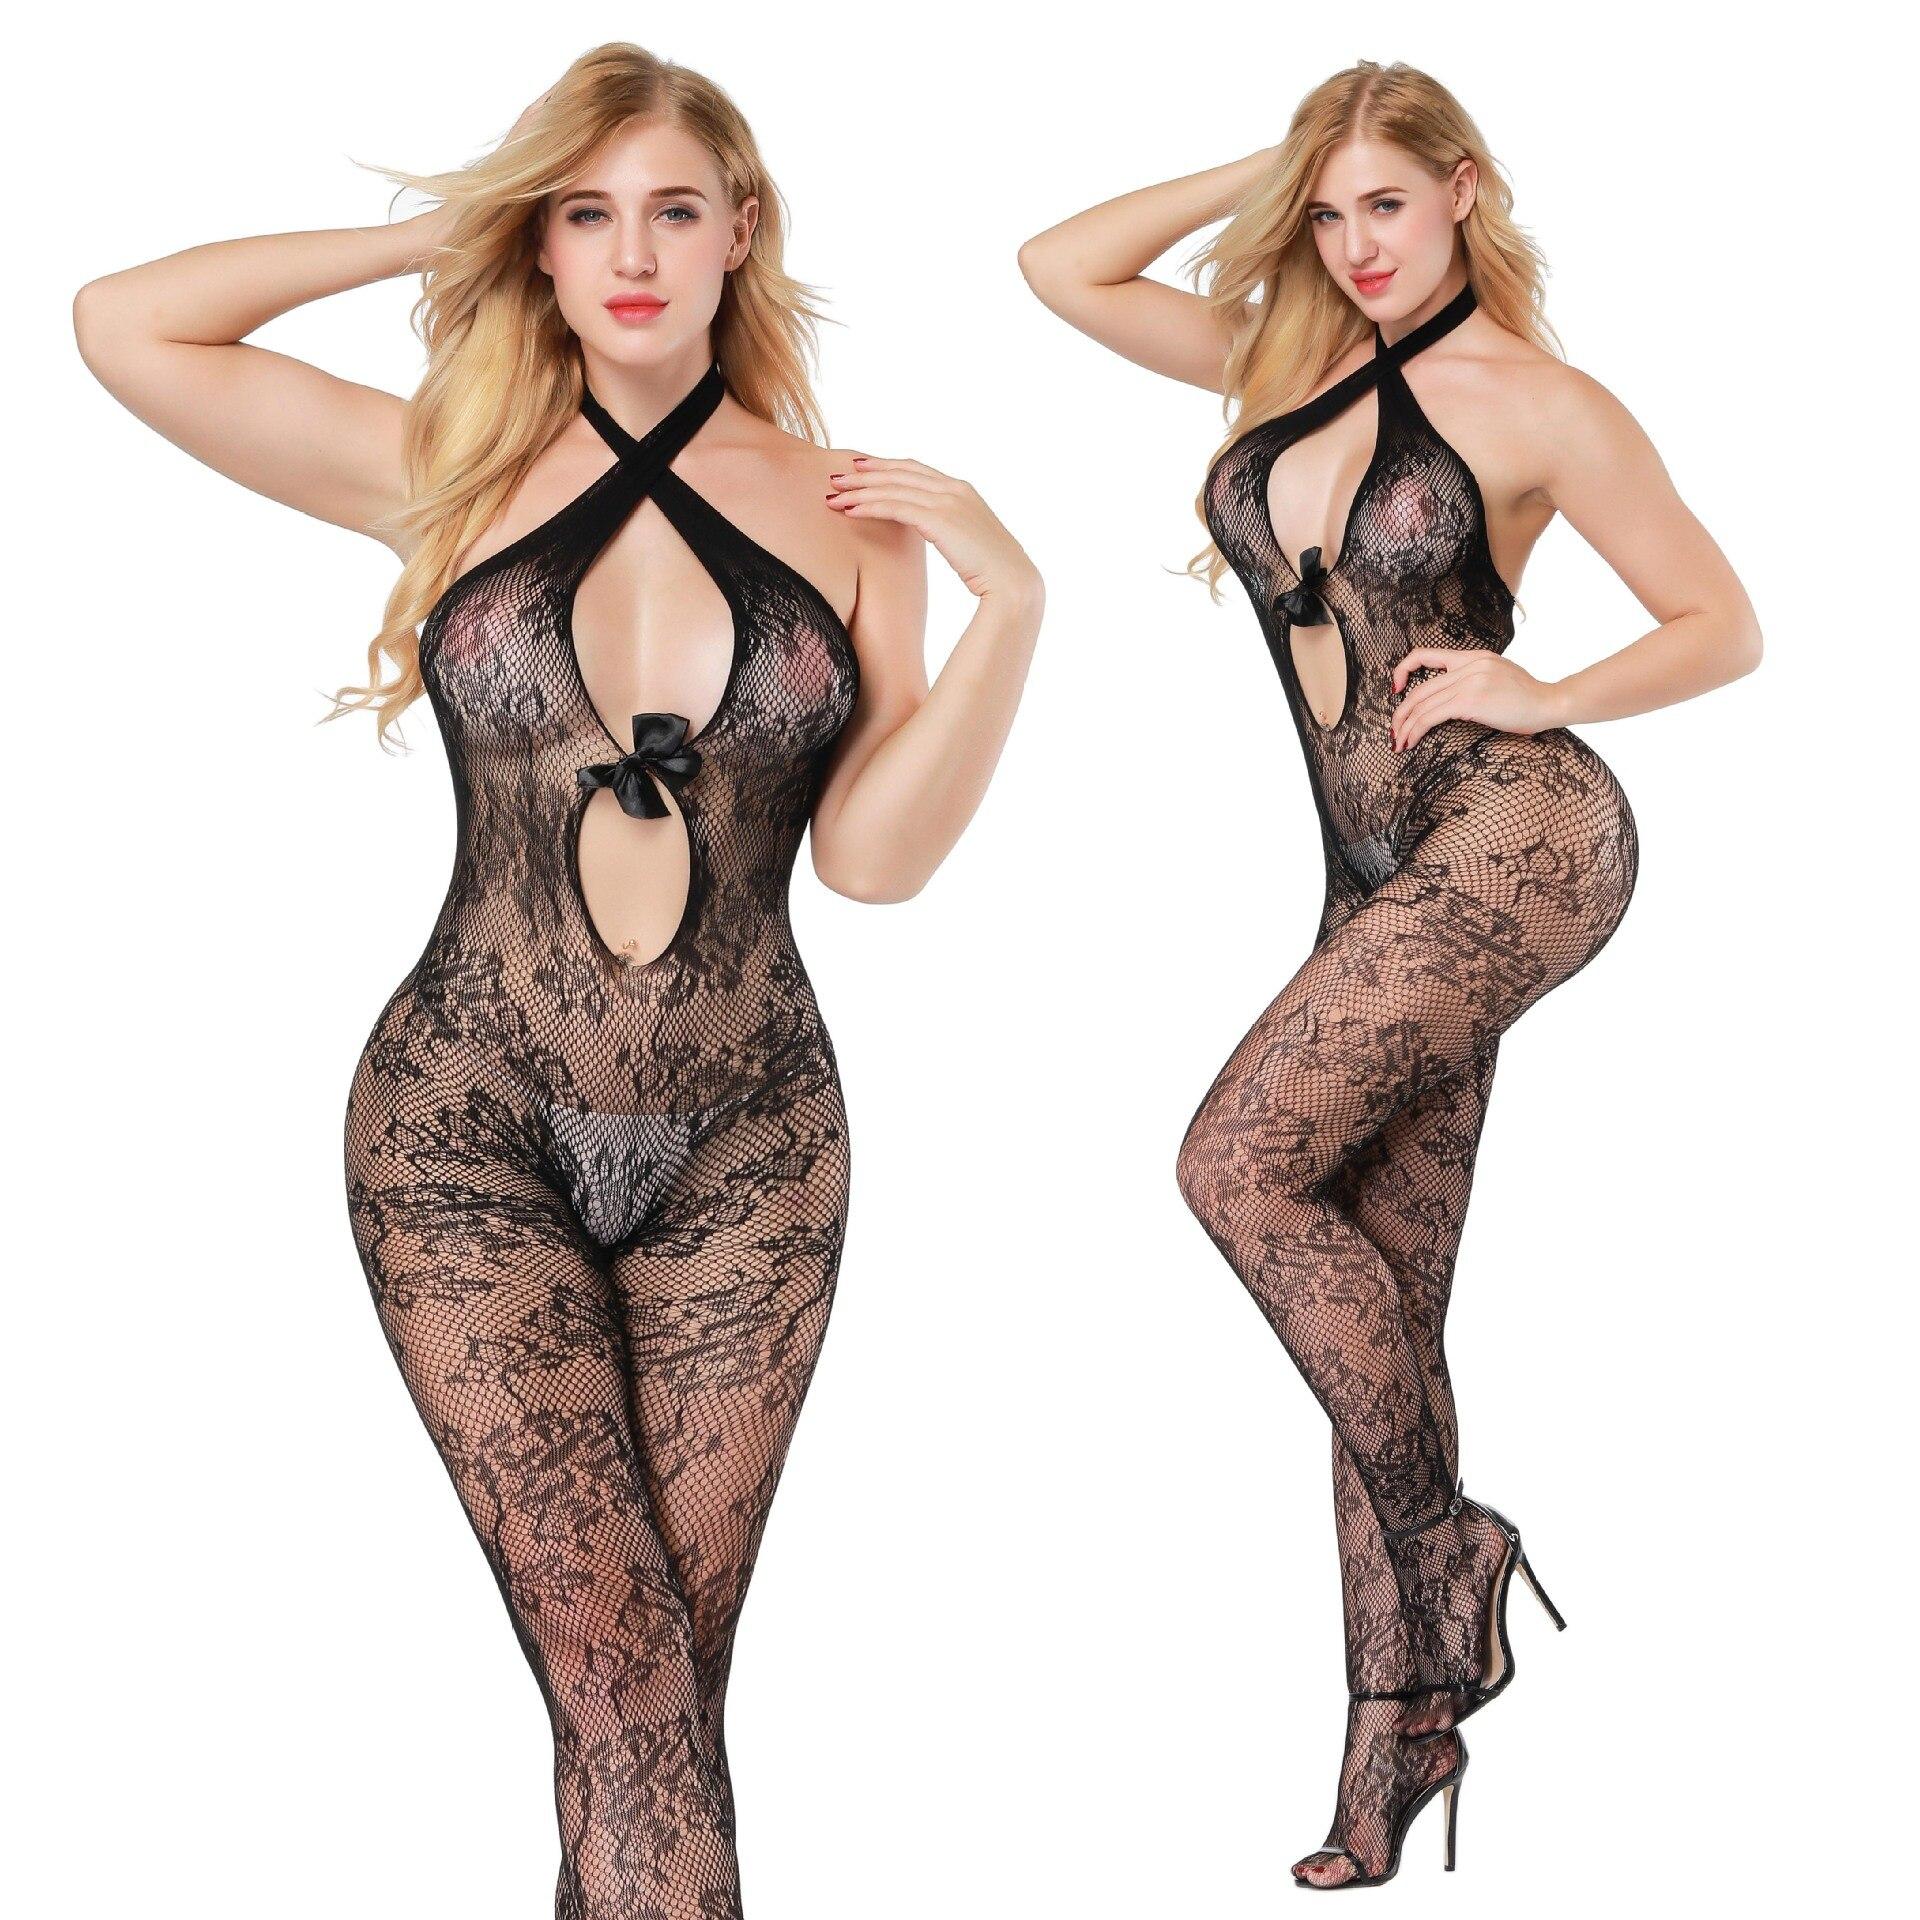 Dynamisch Sexy Siamese Panty Sexy Lingerie Hoge Elastische Strakke Holle Mesh Sexy Netto Jurk Jacquard Perspectief Body Dingen Geschikt Maken Voor De Mensen